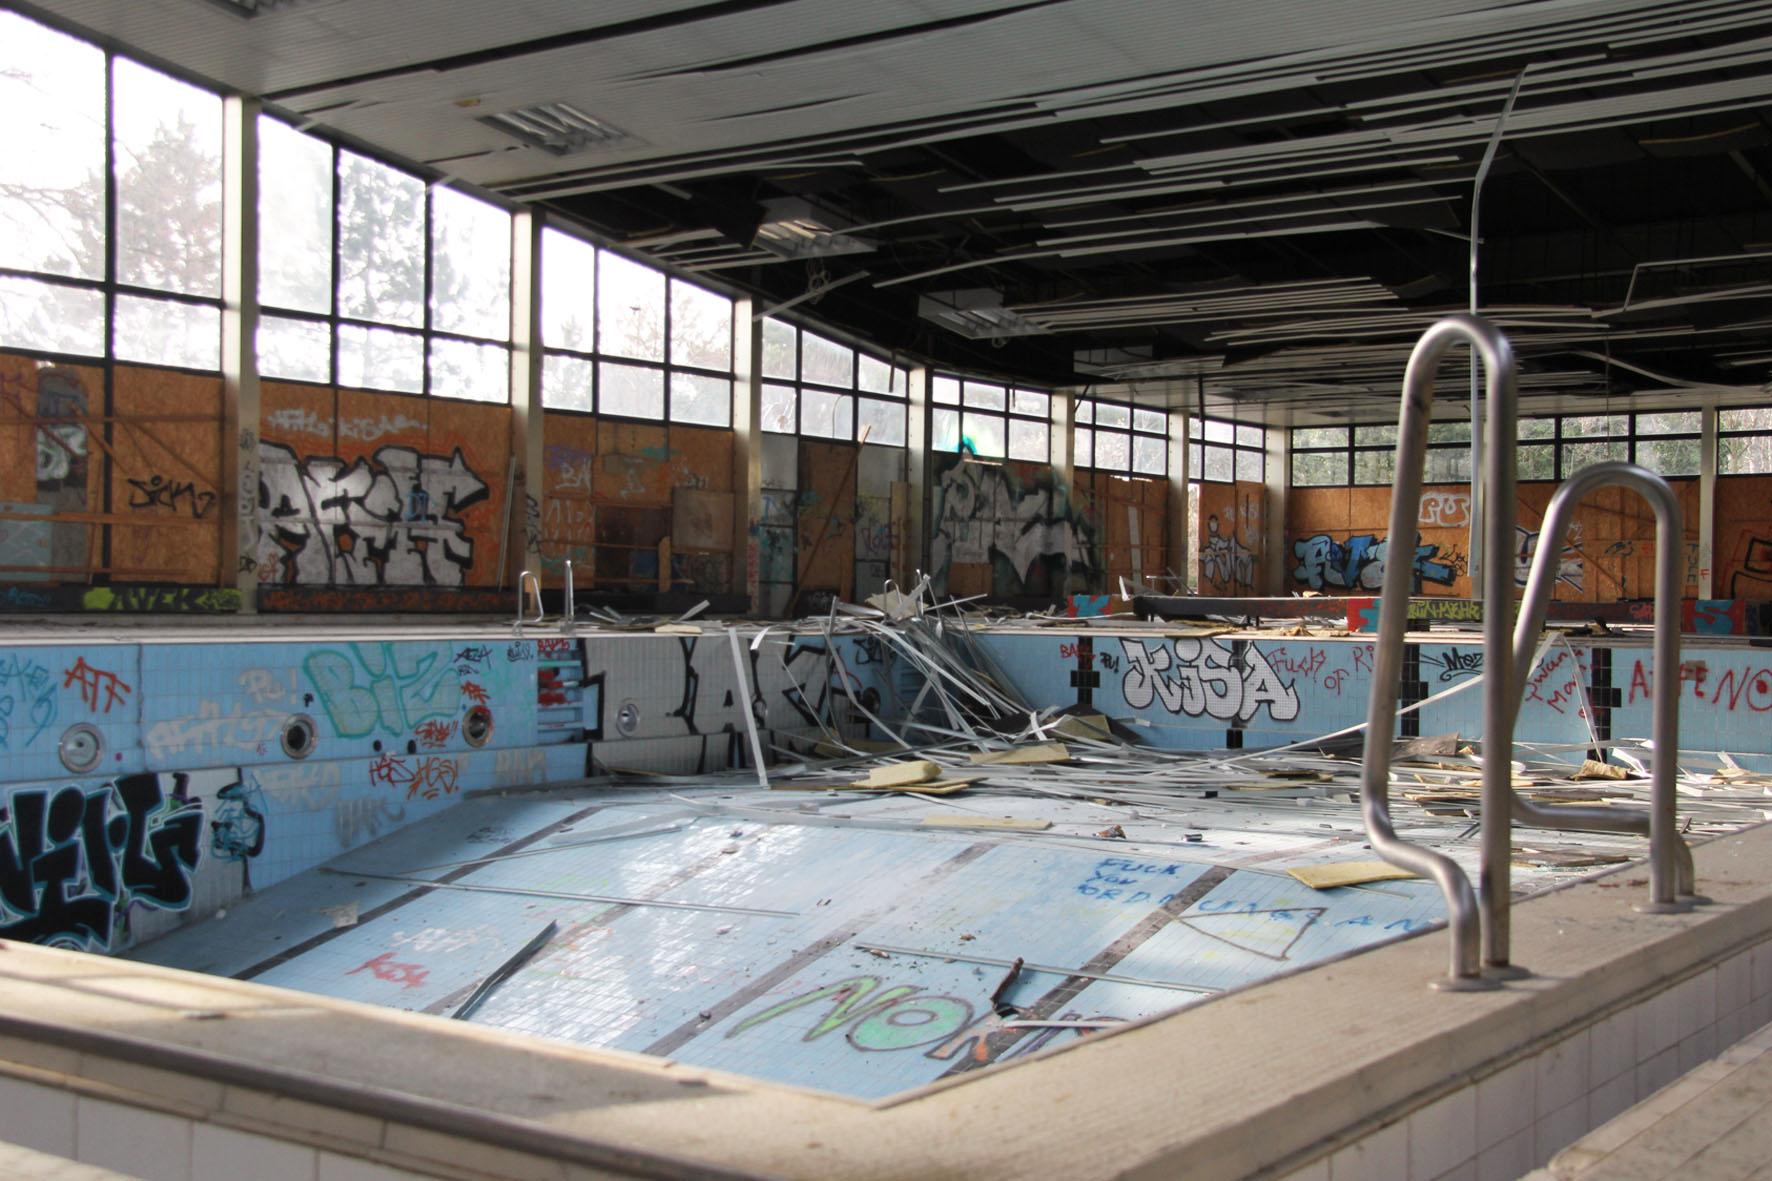 ... Das Schwimmbecken Und Die Treppe Im Franzosenbad Berlin   Ein  Verlassenes Schwimmbad In Der Cité Foch